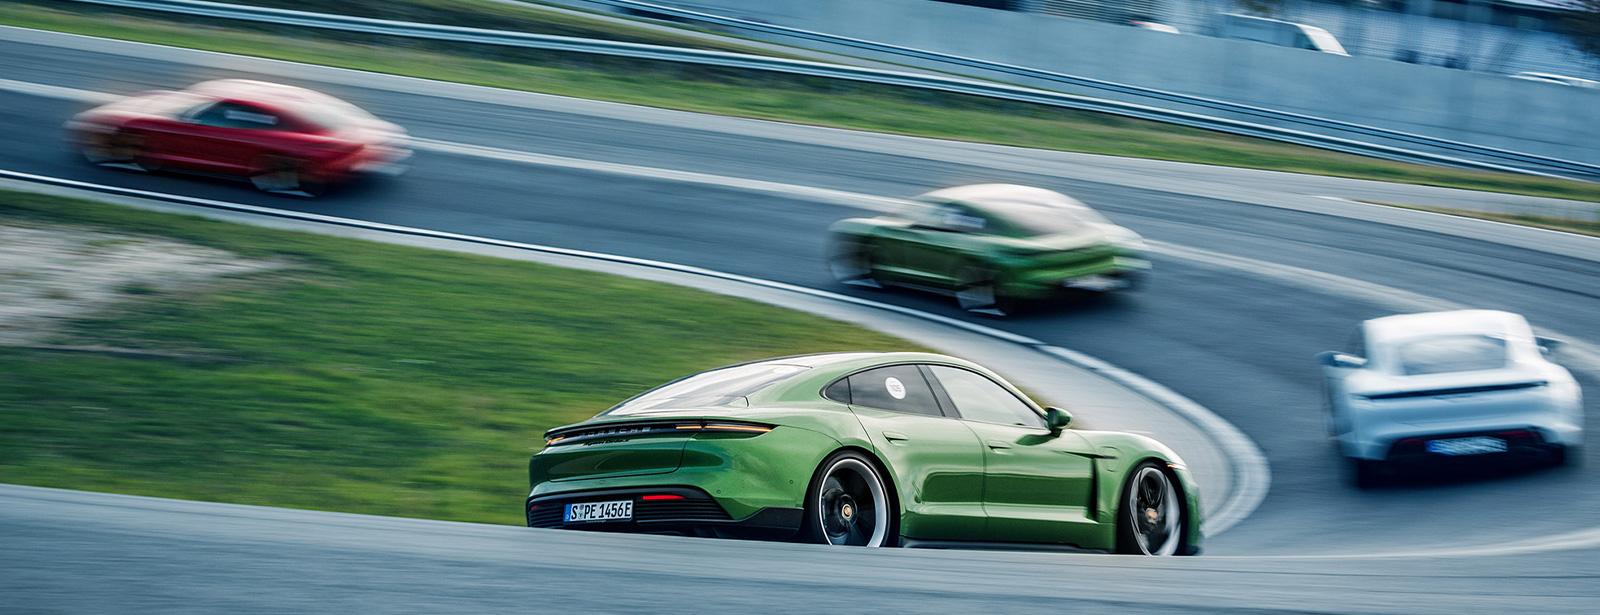 より速く正確にスポーツドライビングを目指す方のための上級コース Master